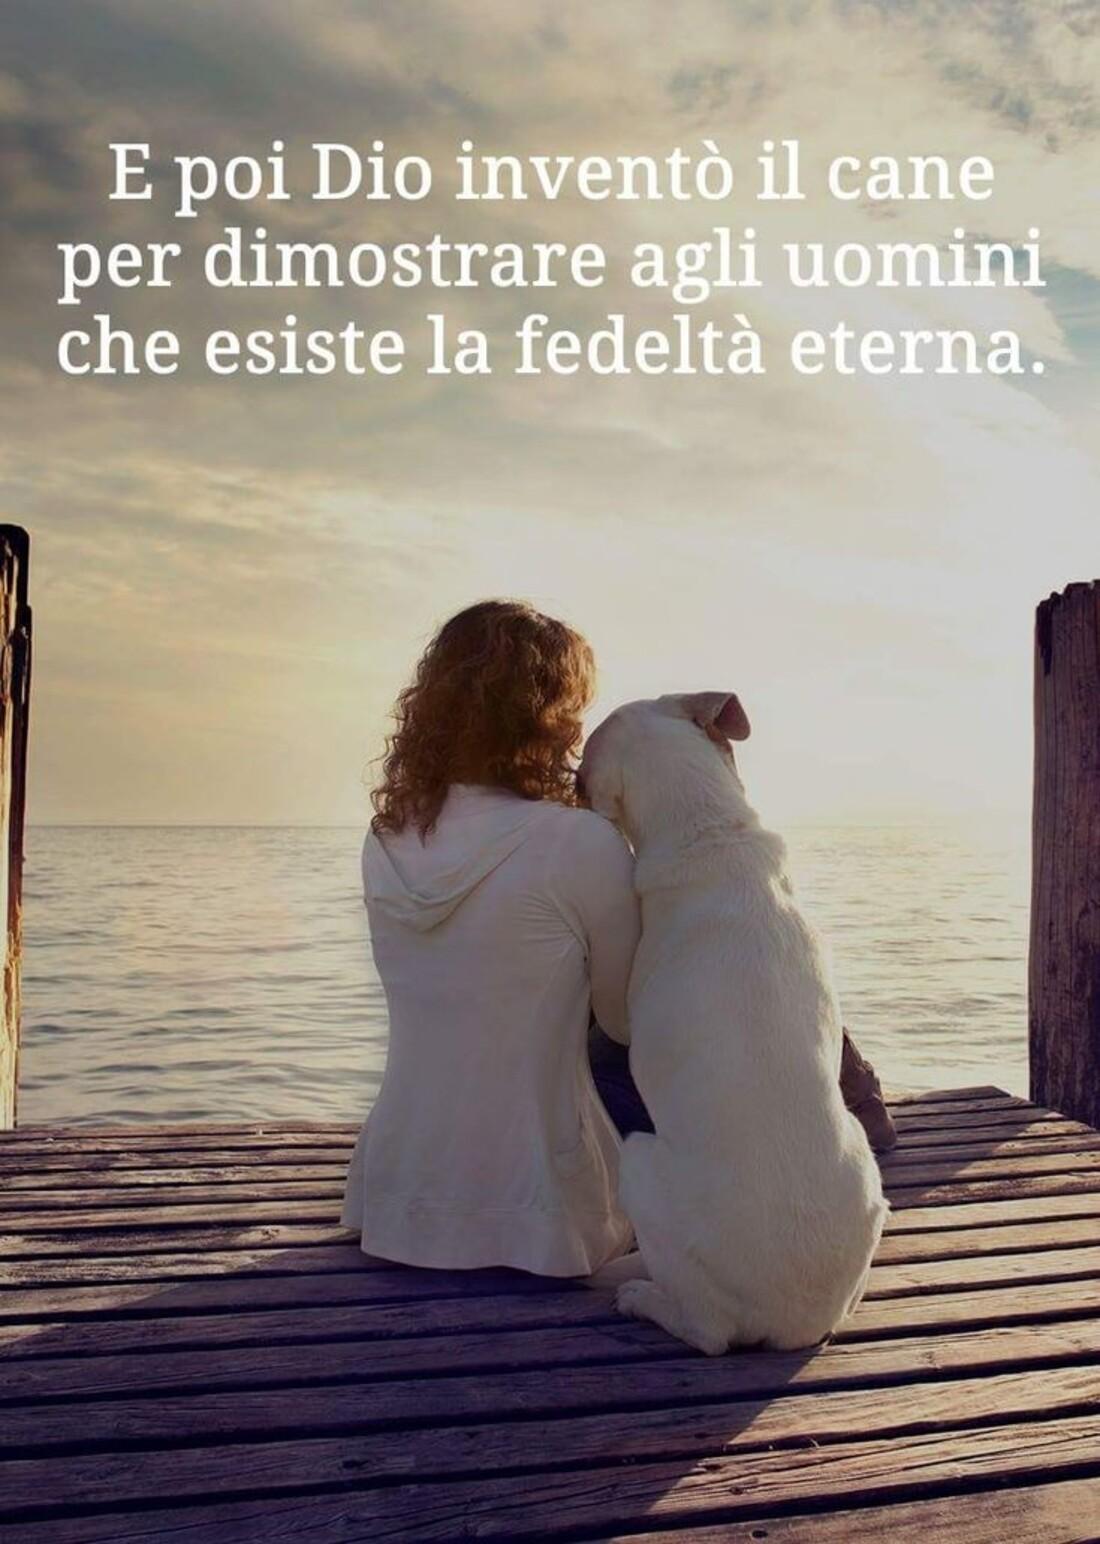 E poi Dio inventò il cane per dimostrare agli uomini che esiste la fedeltà eterna